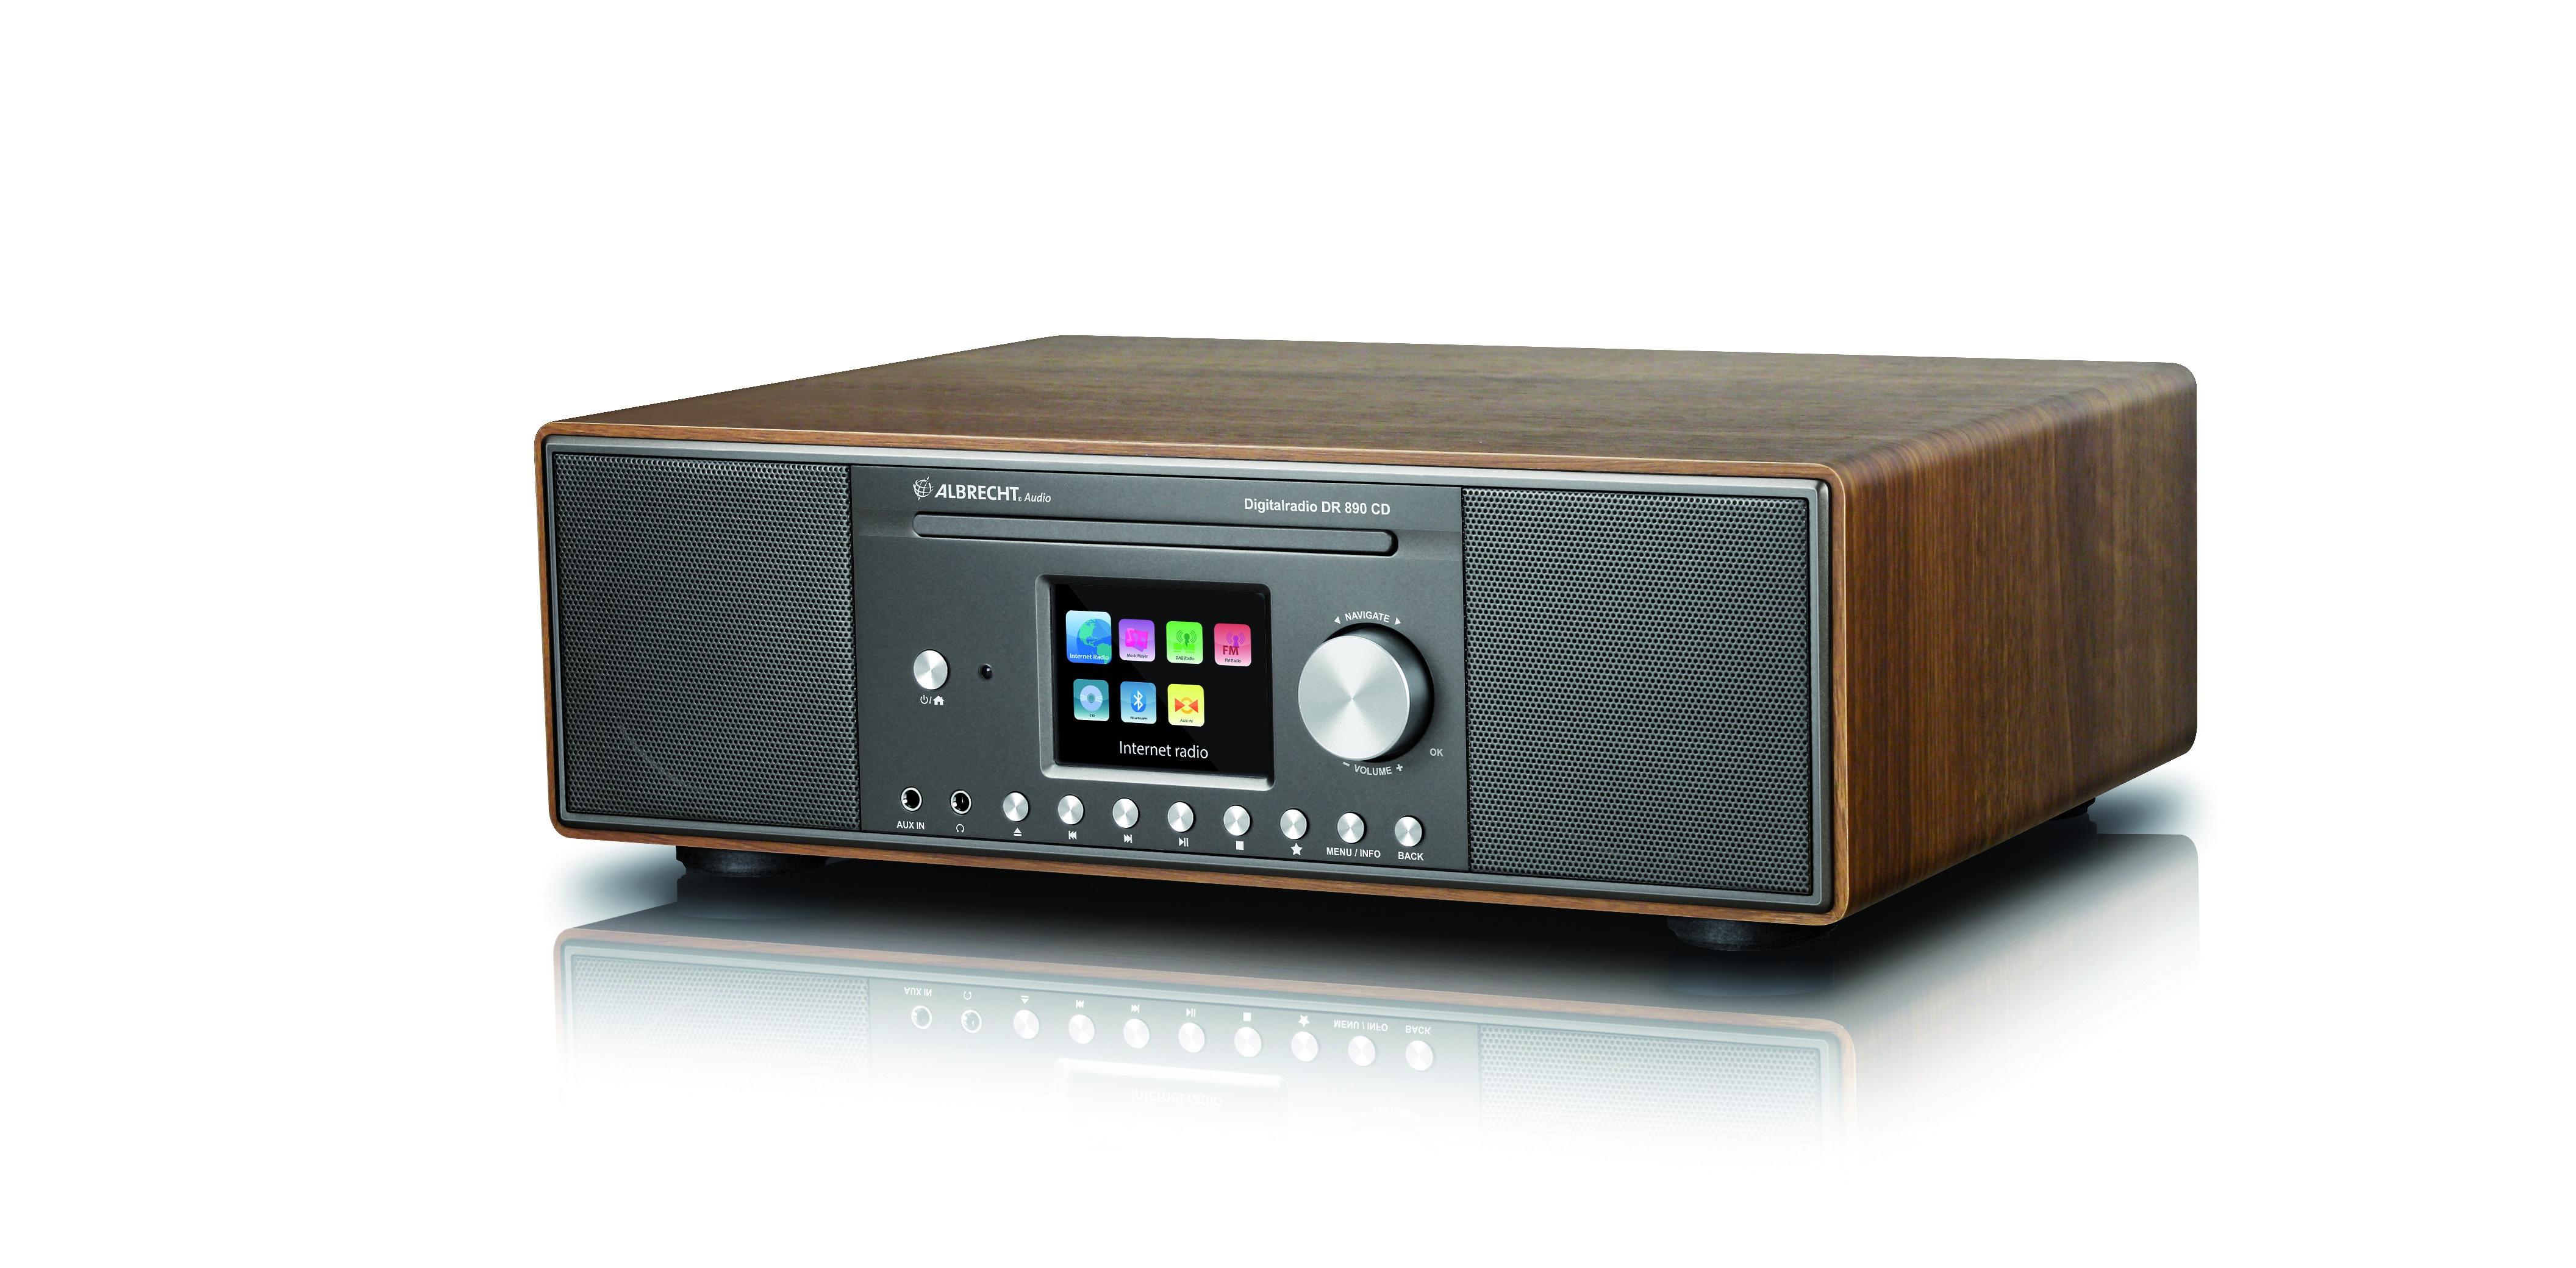 Albrecht DR 890 Hybride radio